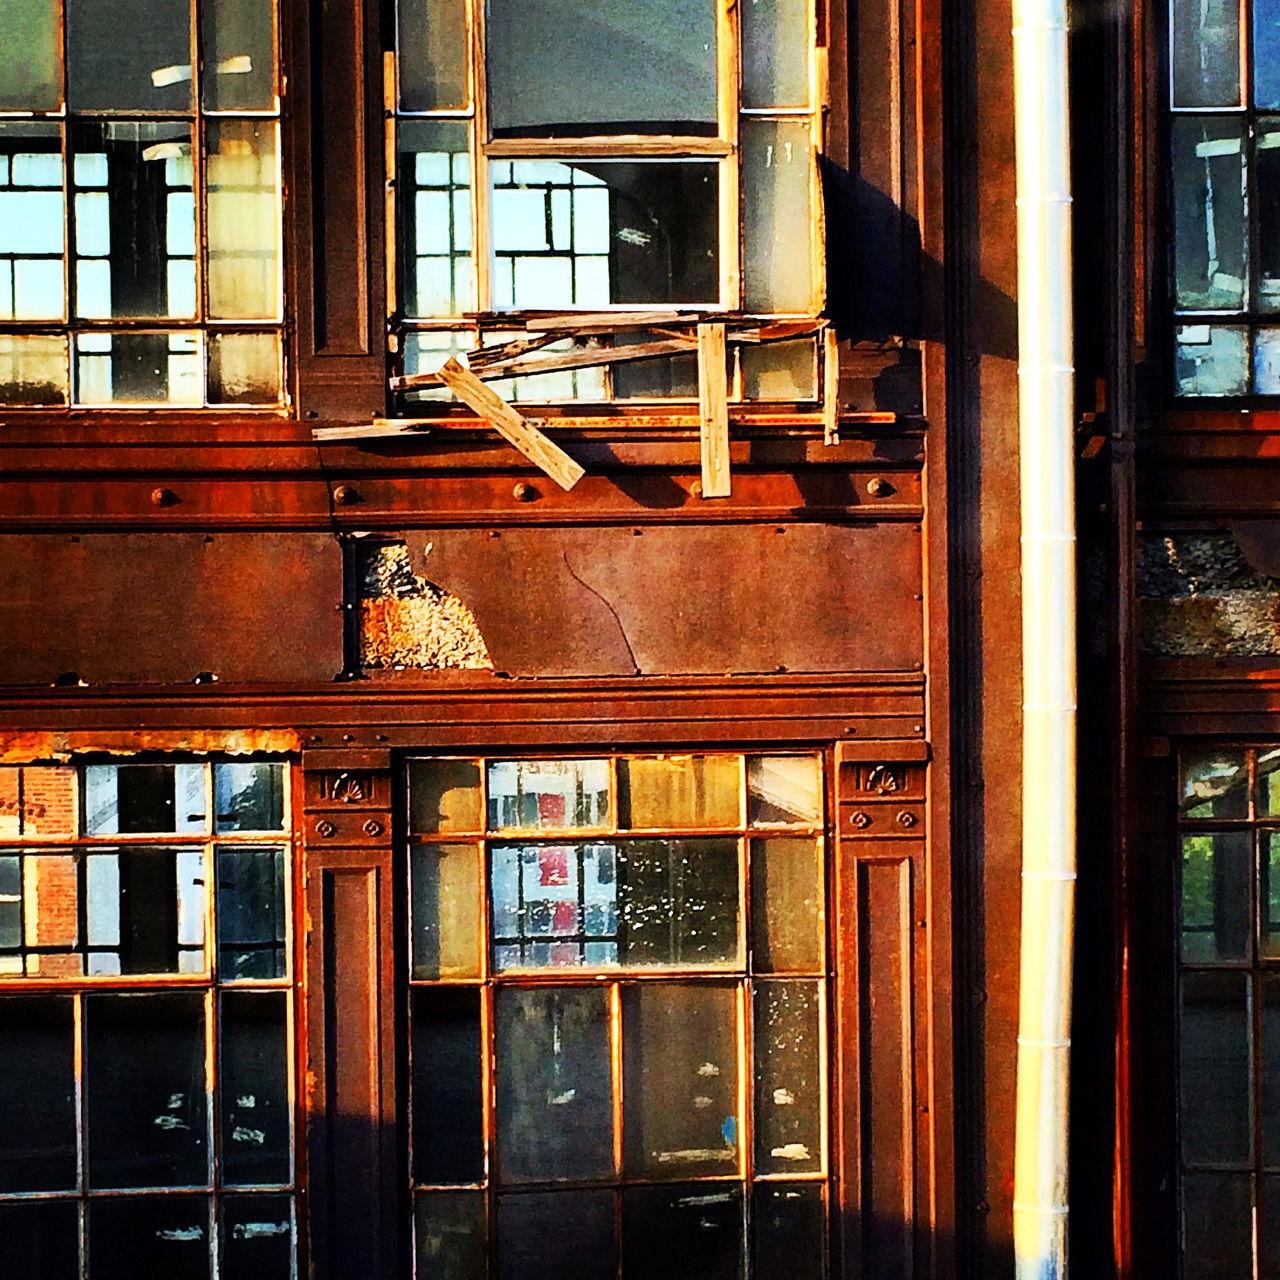 window, architecture, built structure, door, no people, day, building exterior, indoors, open door, animal themes, close-up, bookshelf